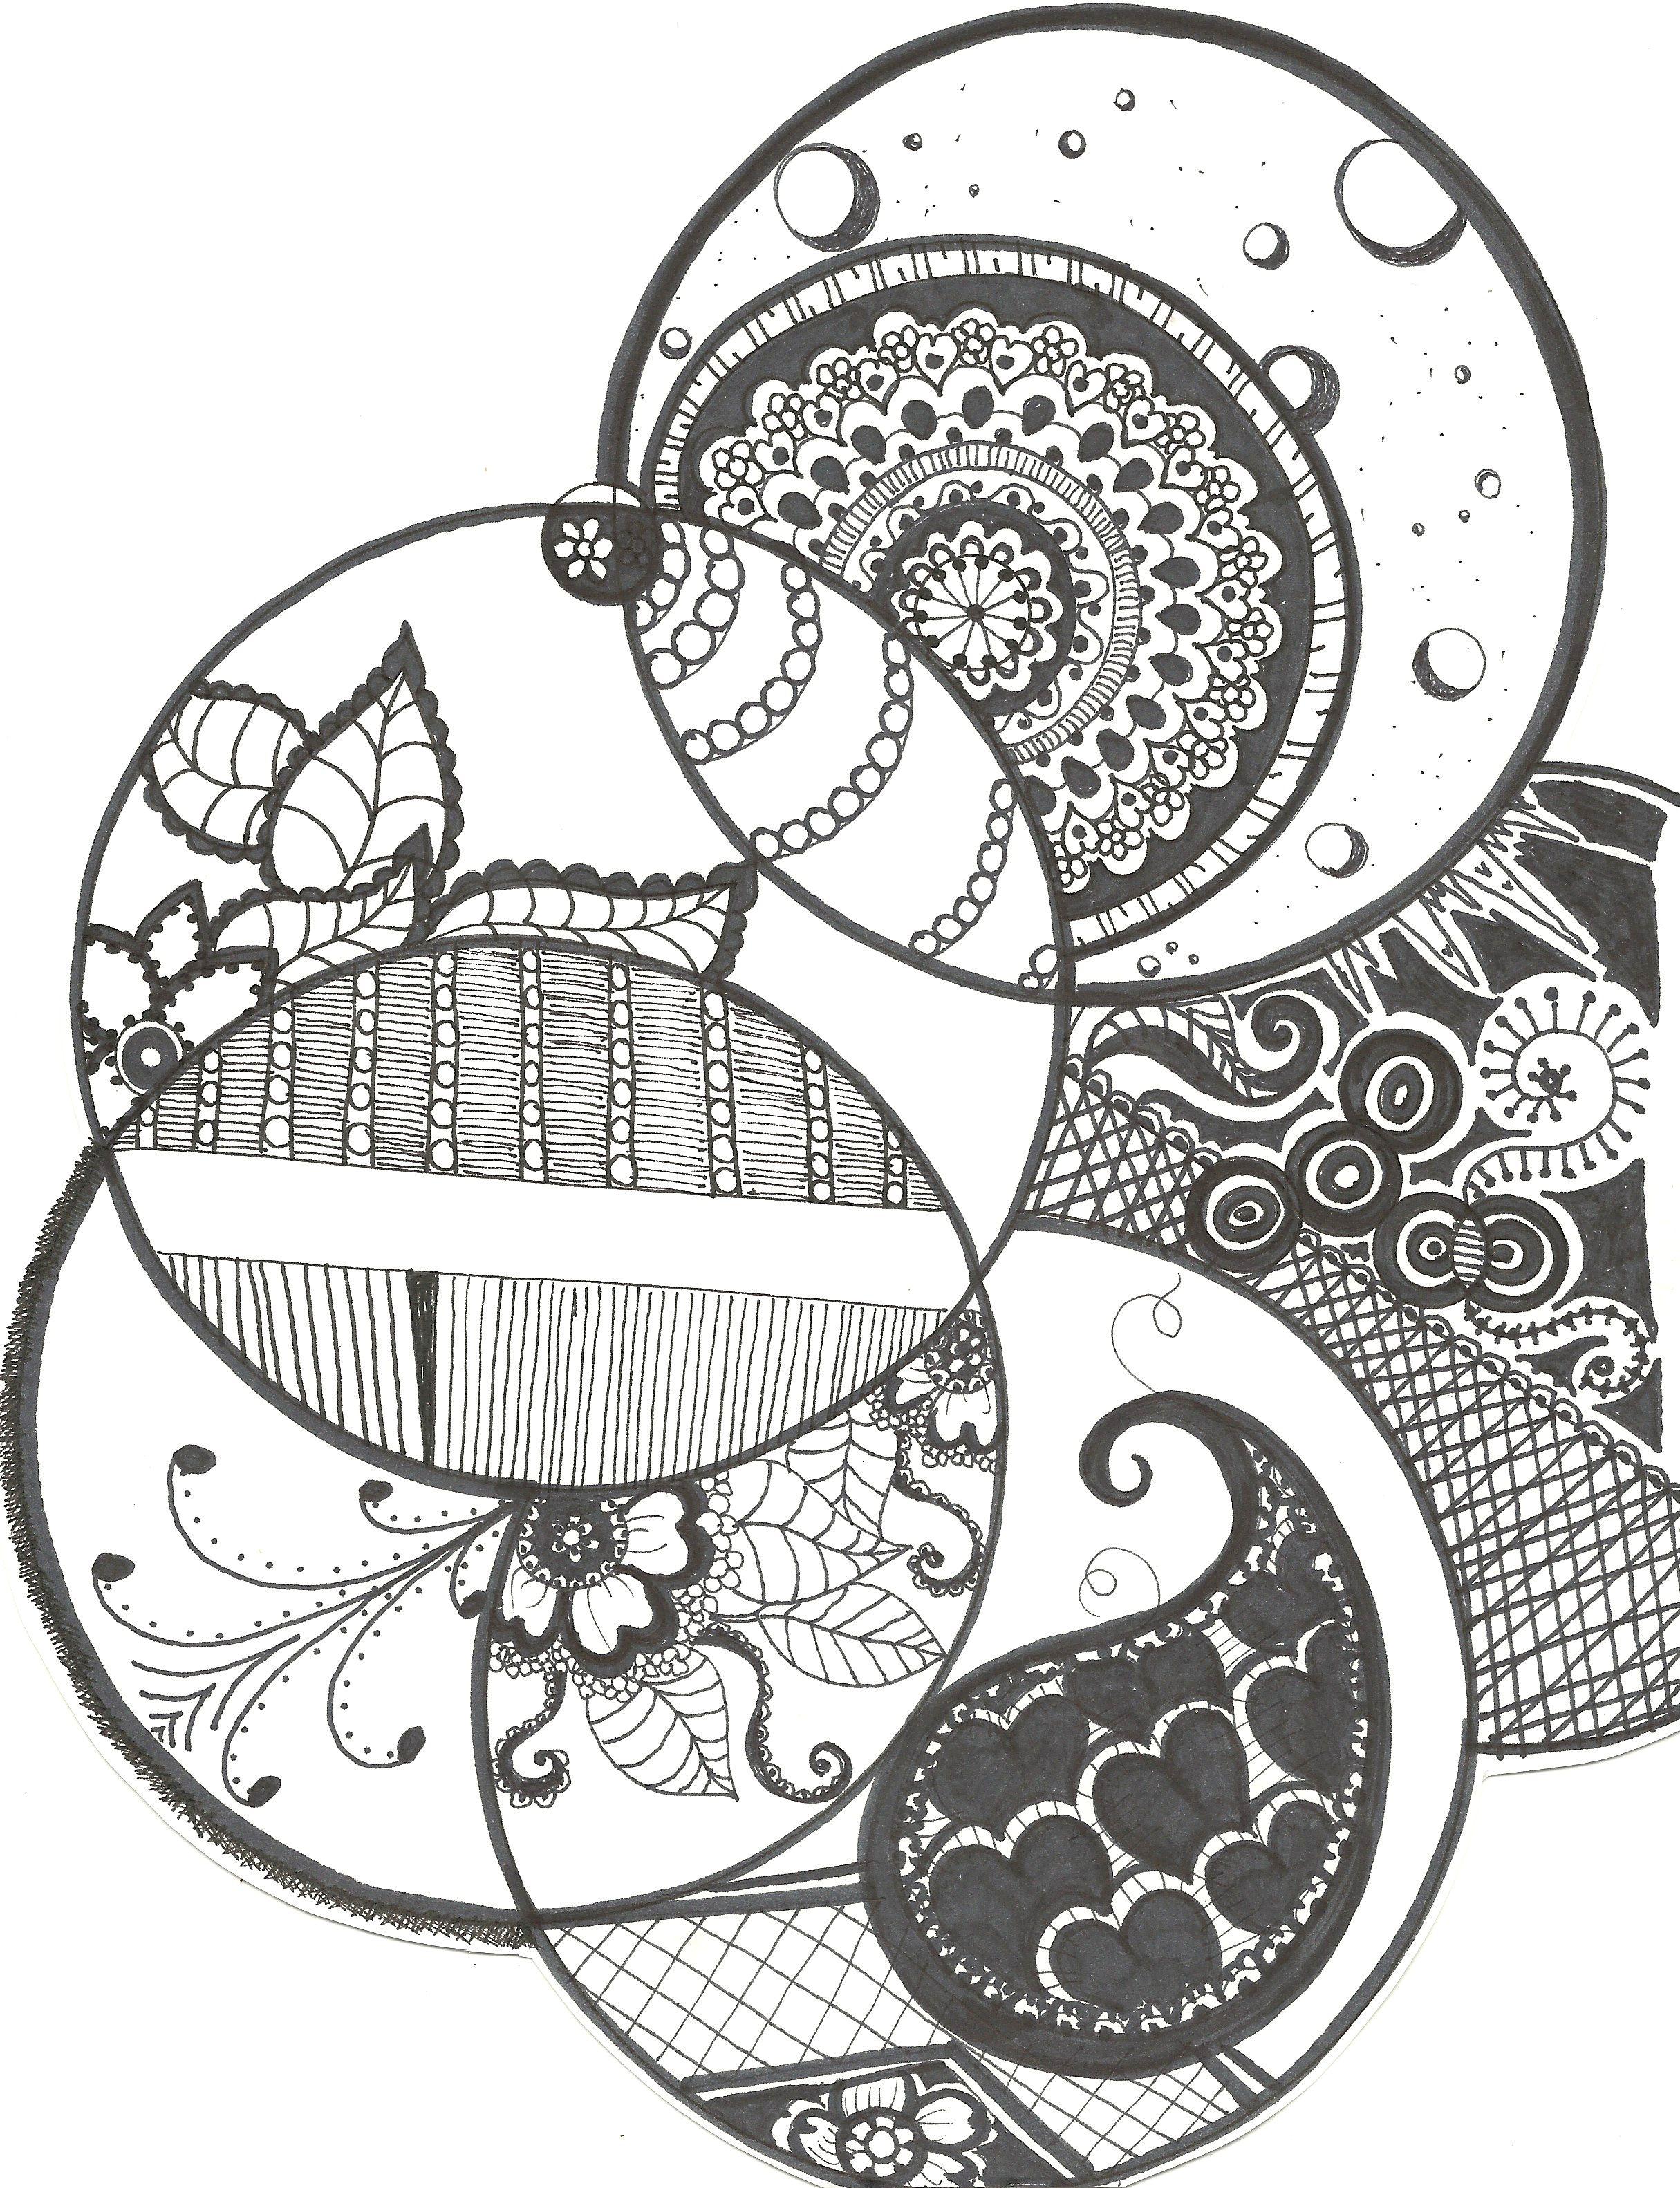 Pin De Riane Cunha Em Zantengle Arte Fixa Desenho Geometrico E